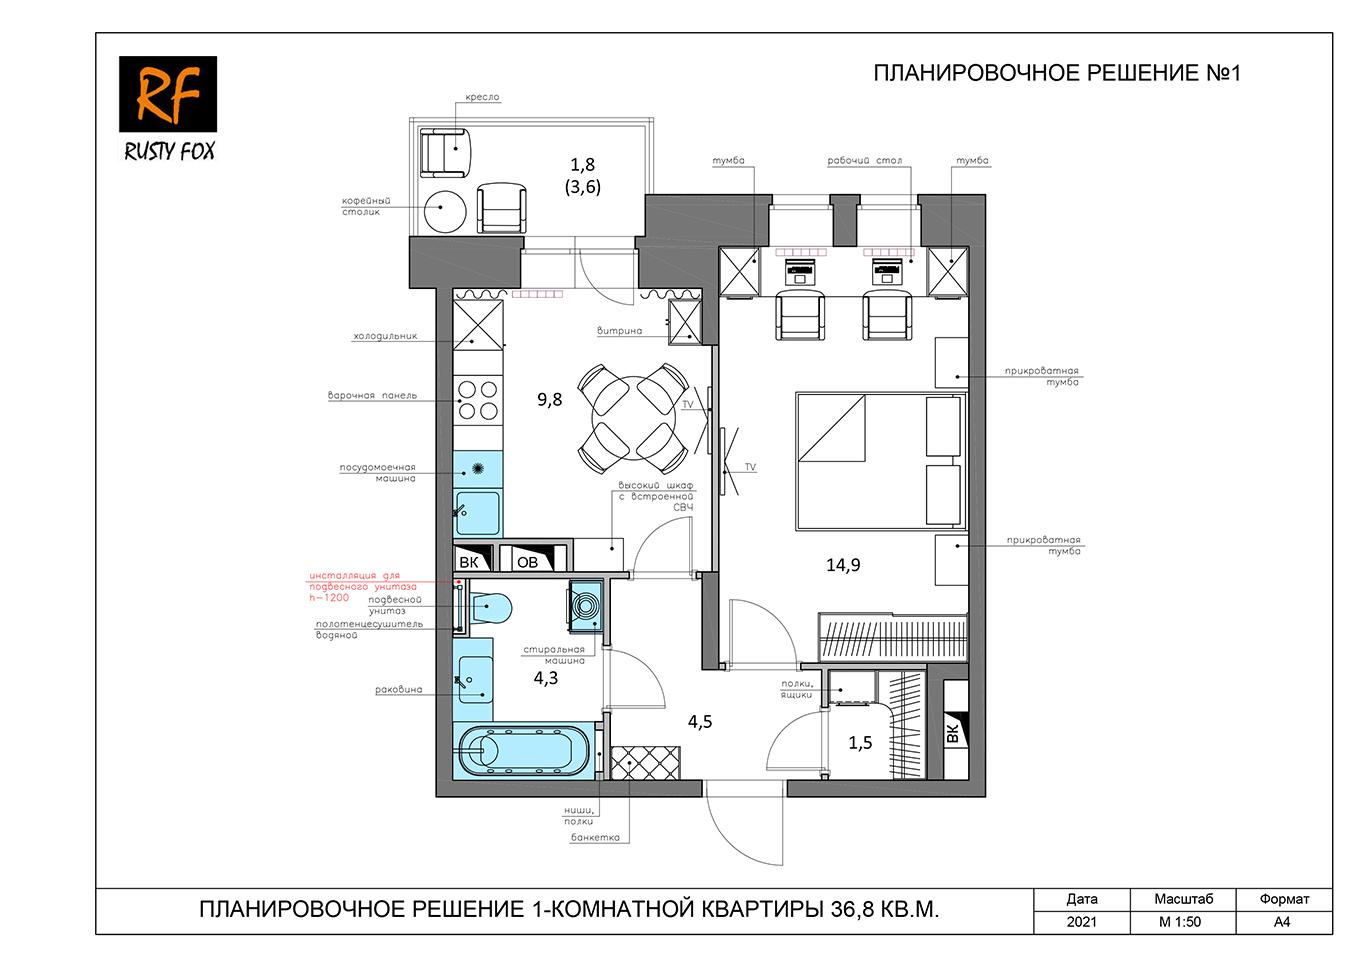 ЖК Люберцы корпус 52, секция 1. Планировочное решение №1 1-комнатная квартира правая 36,8 кв.м.